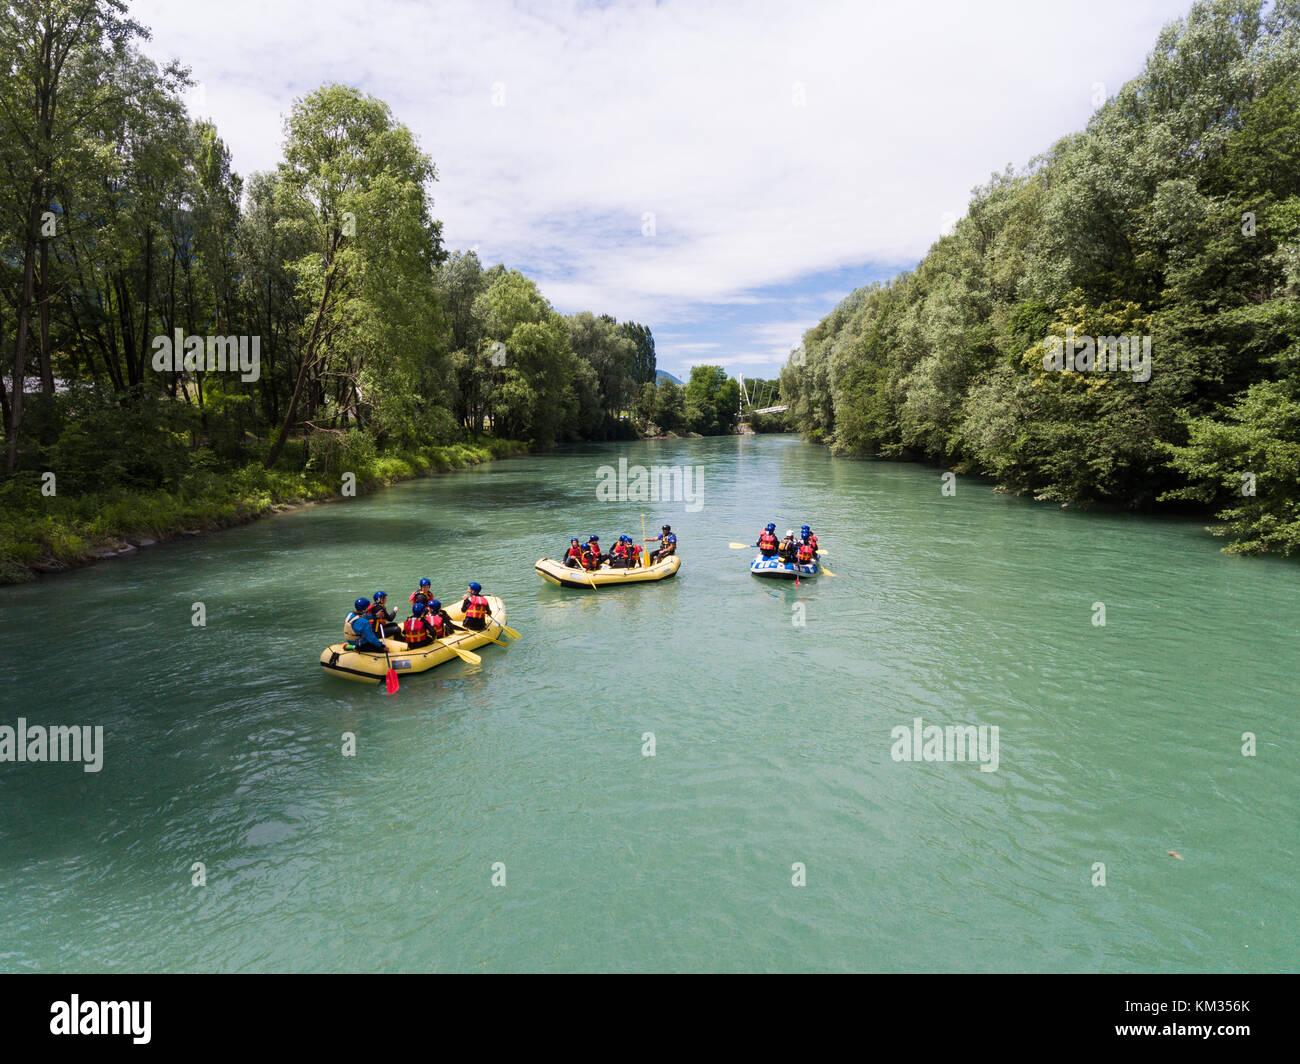 Rafting on Adda river in Valtellina Stock Photo